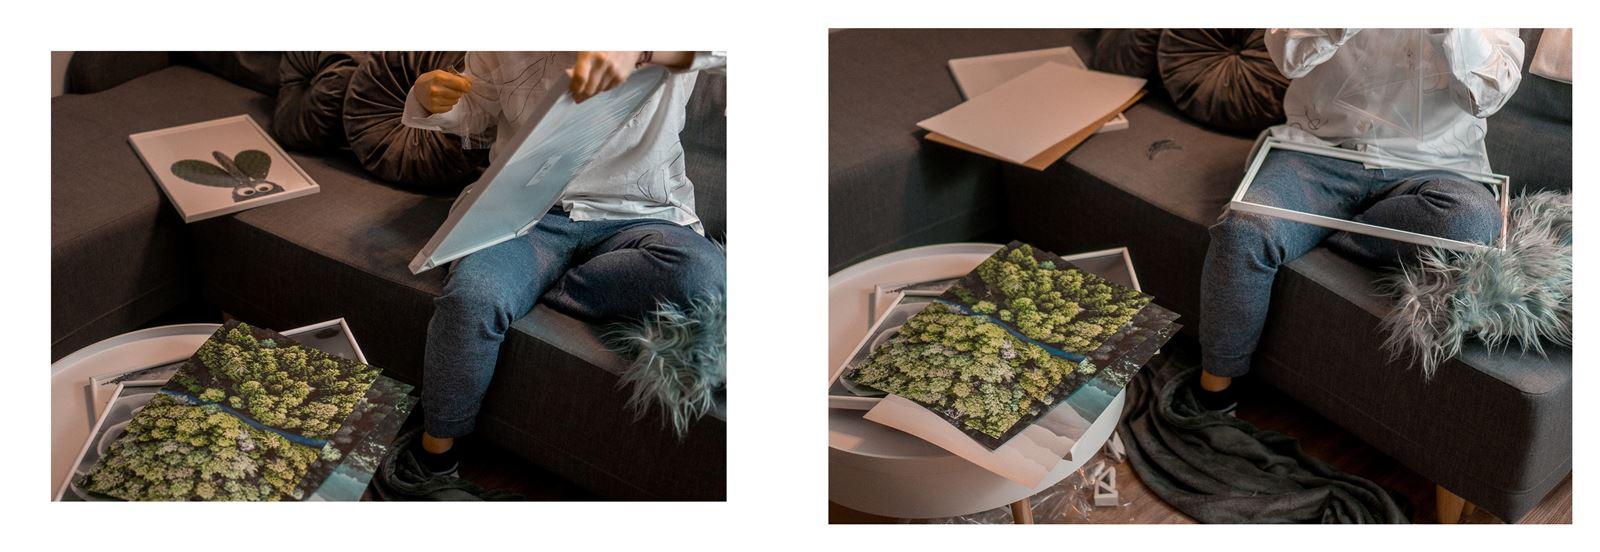 9a jak urządzić biuro w domu - dekoracje do biura, zielona ściana w mieszkaniu, jak zaprojektować galerię plakatów, plakaty krajobrazy rośliny na ścianę jak zawiesić obraz na ścianie białe ramki